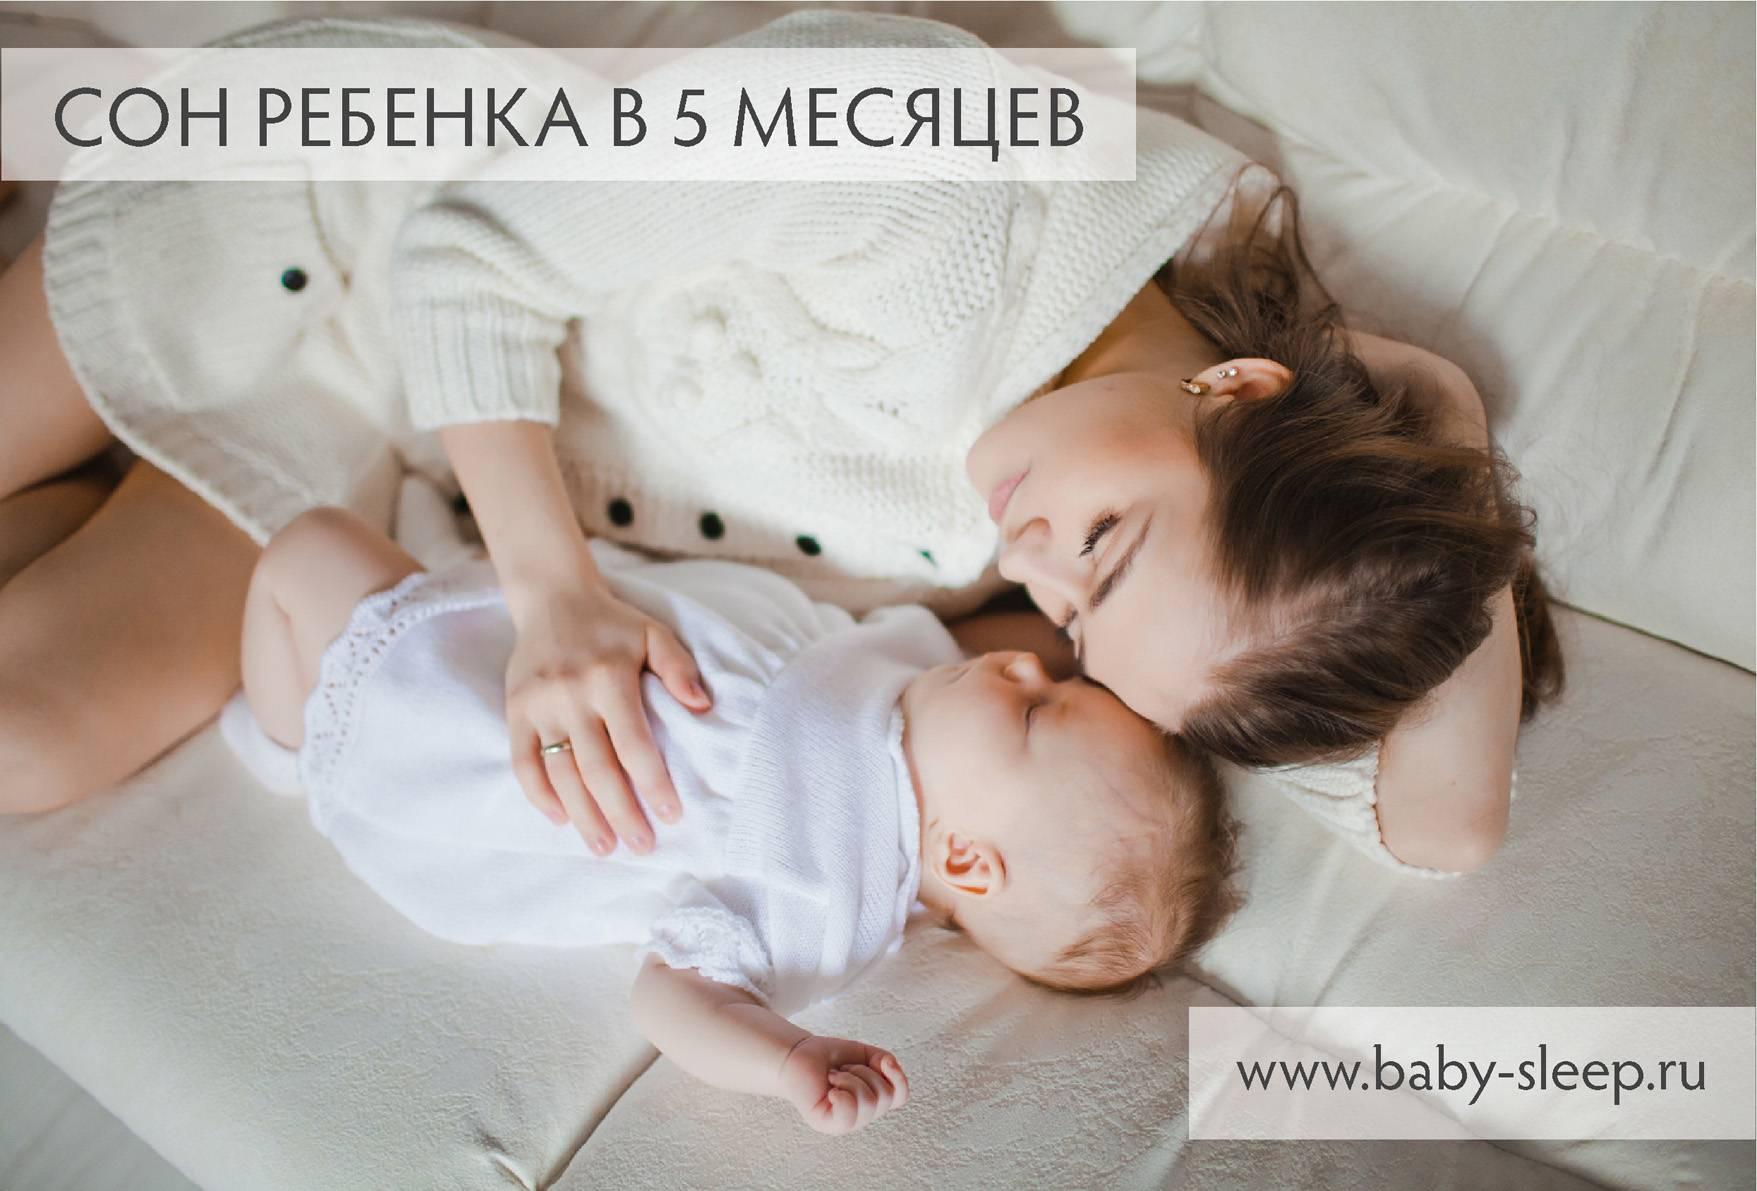 Обзор средств от укачивания... - браслет от укачивания для детей - запись пользователя марусина мама (nataly-g) в сообществе детские болезни от года до трех в категории укачивает в транспорте - babyblog.ru